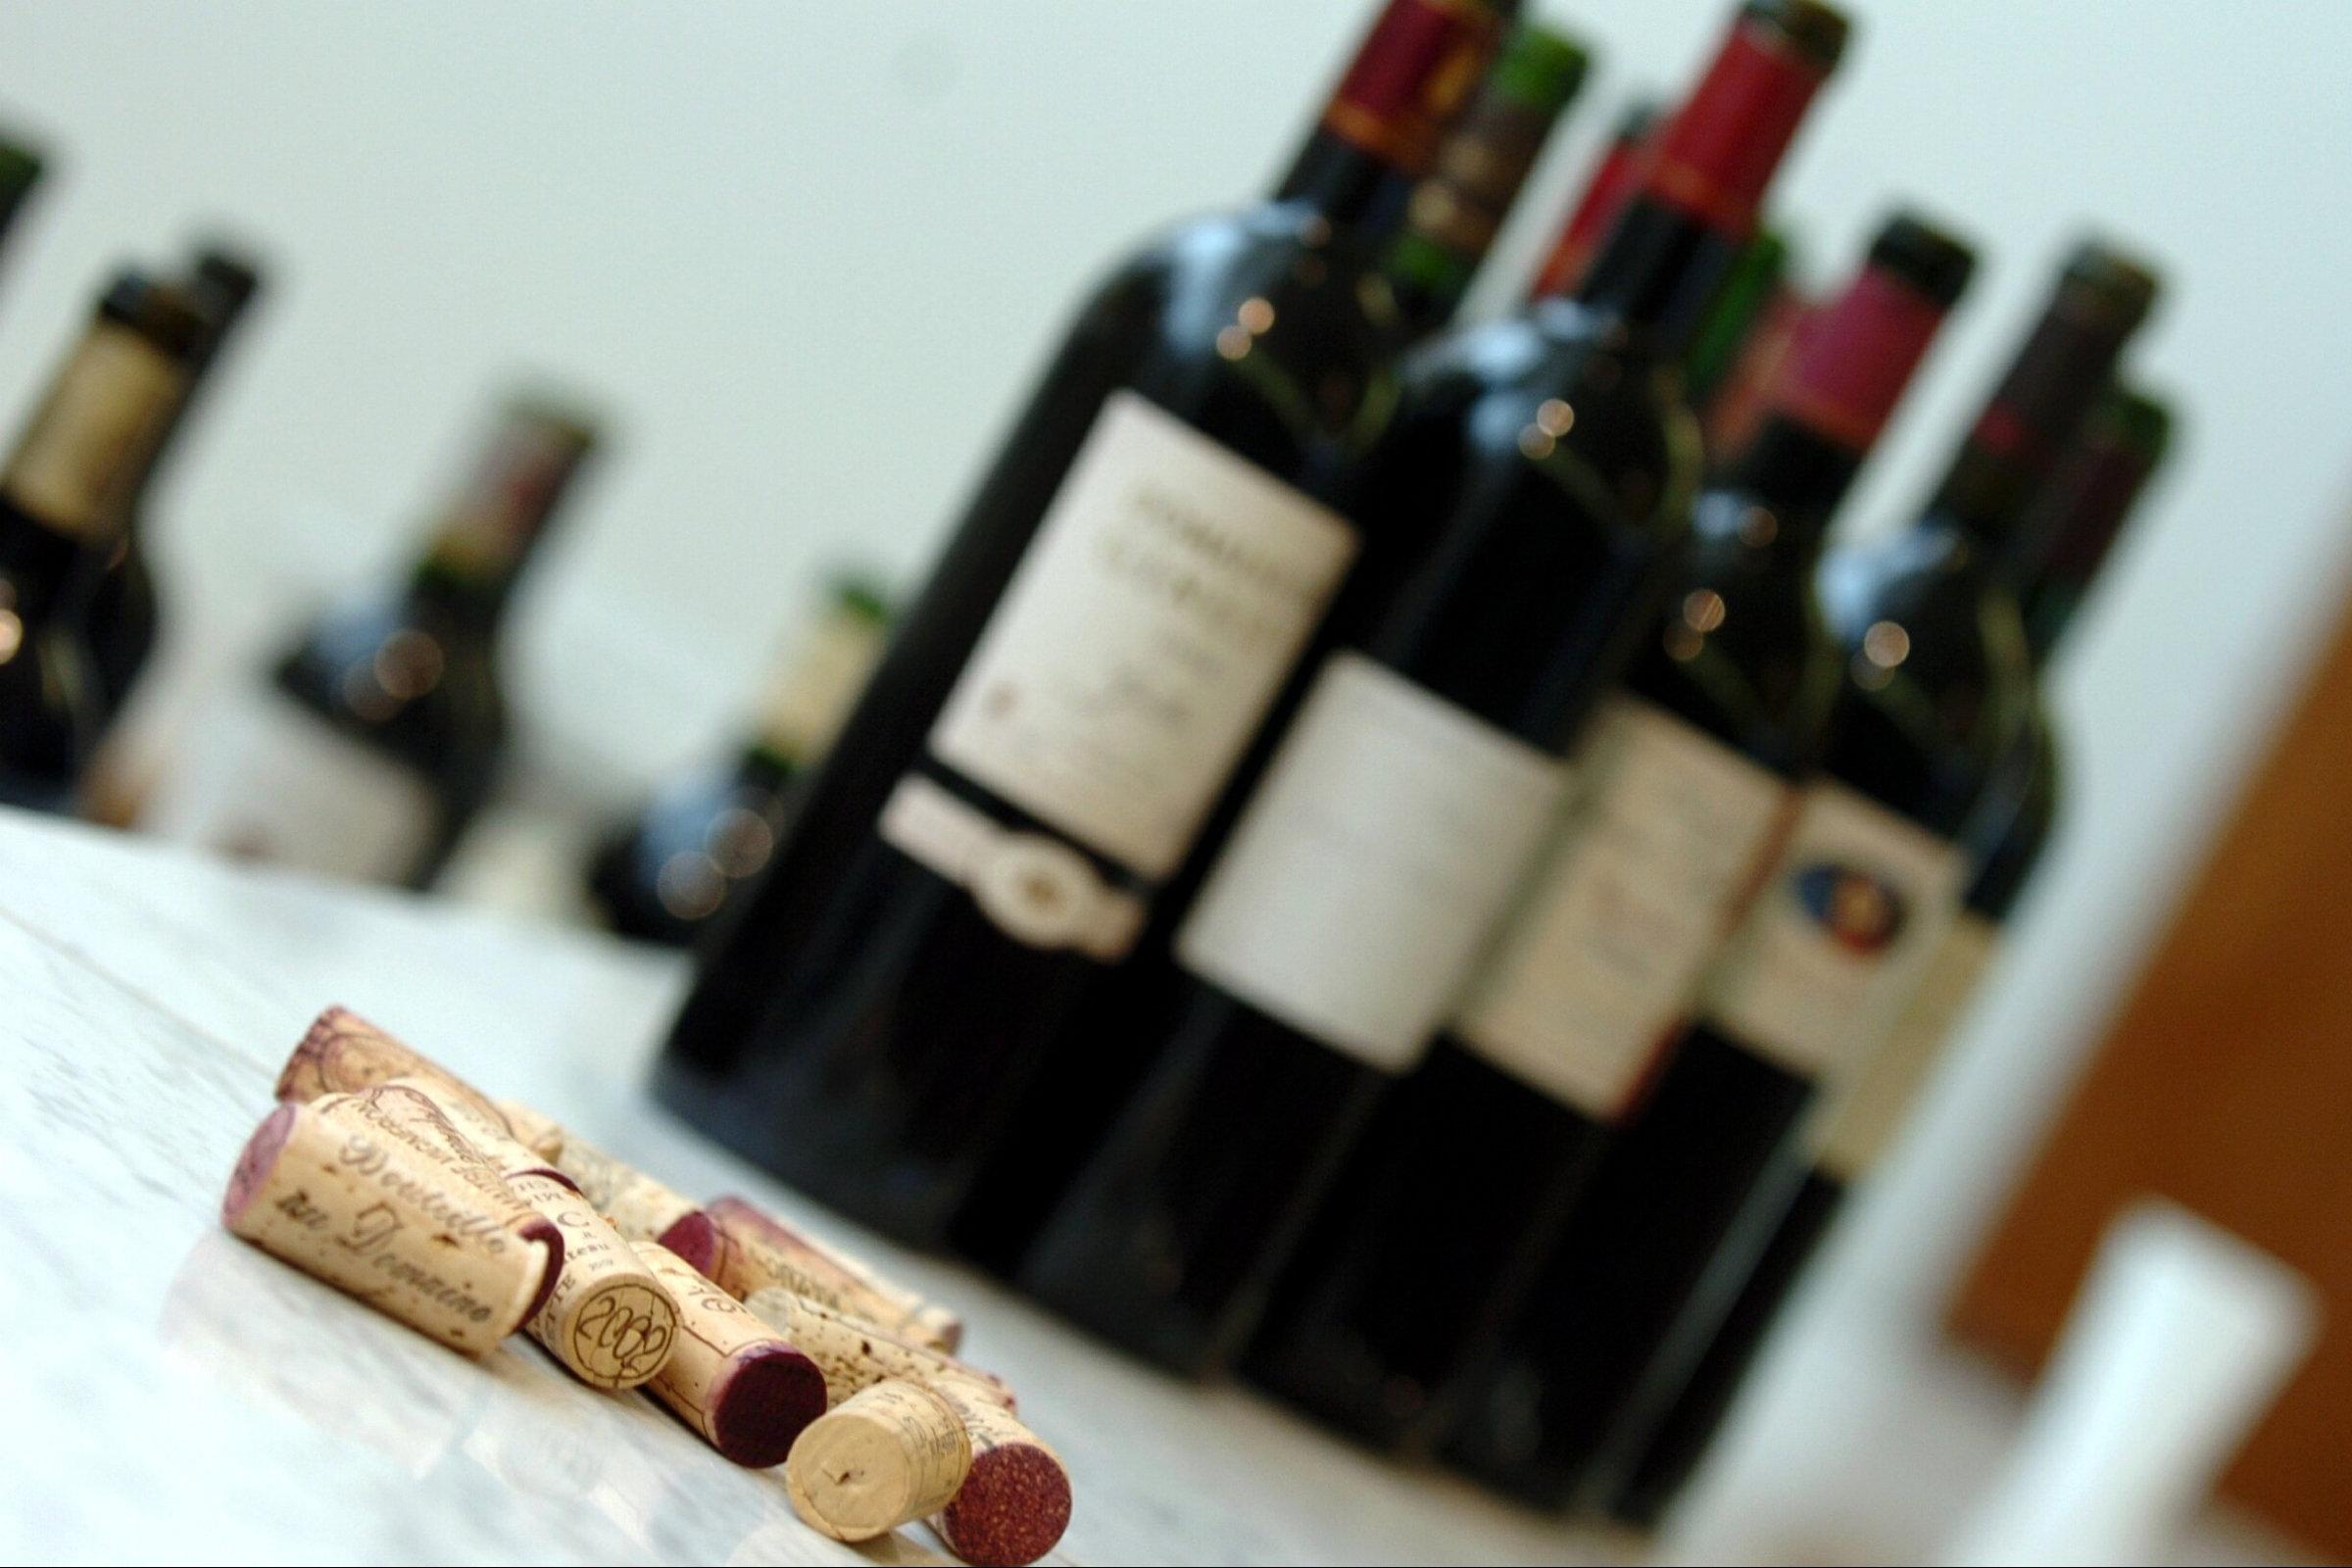 43ddf55a7a7 Kvickly Odder har netop købt Marselis Vine. Foto: Colourbox